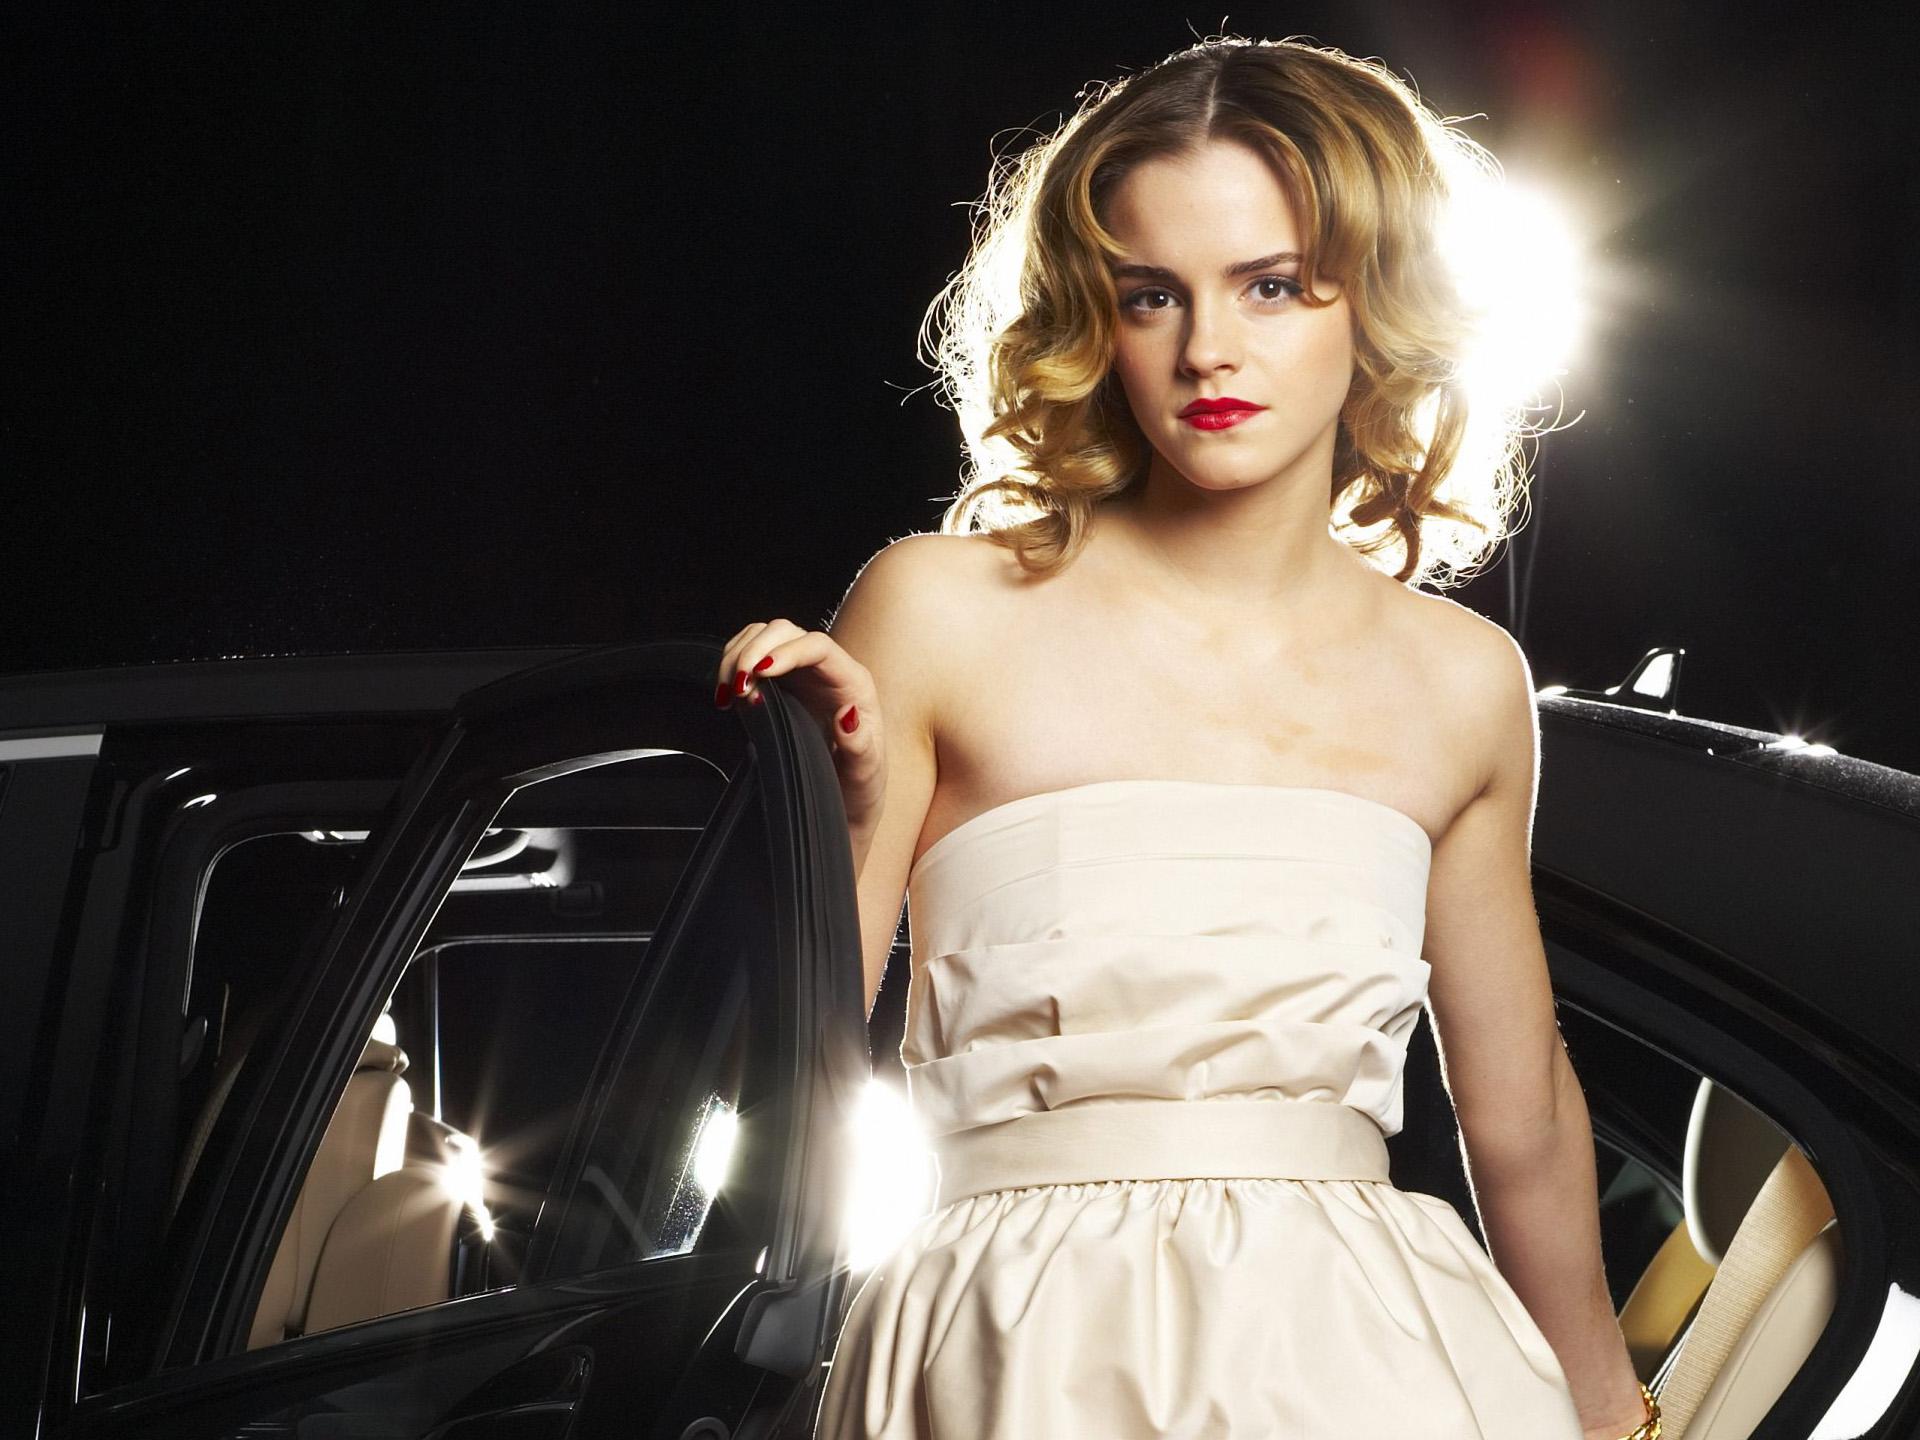 Emma Watson Best Wallpapers HD Wallpapers 1920x1440